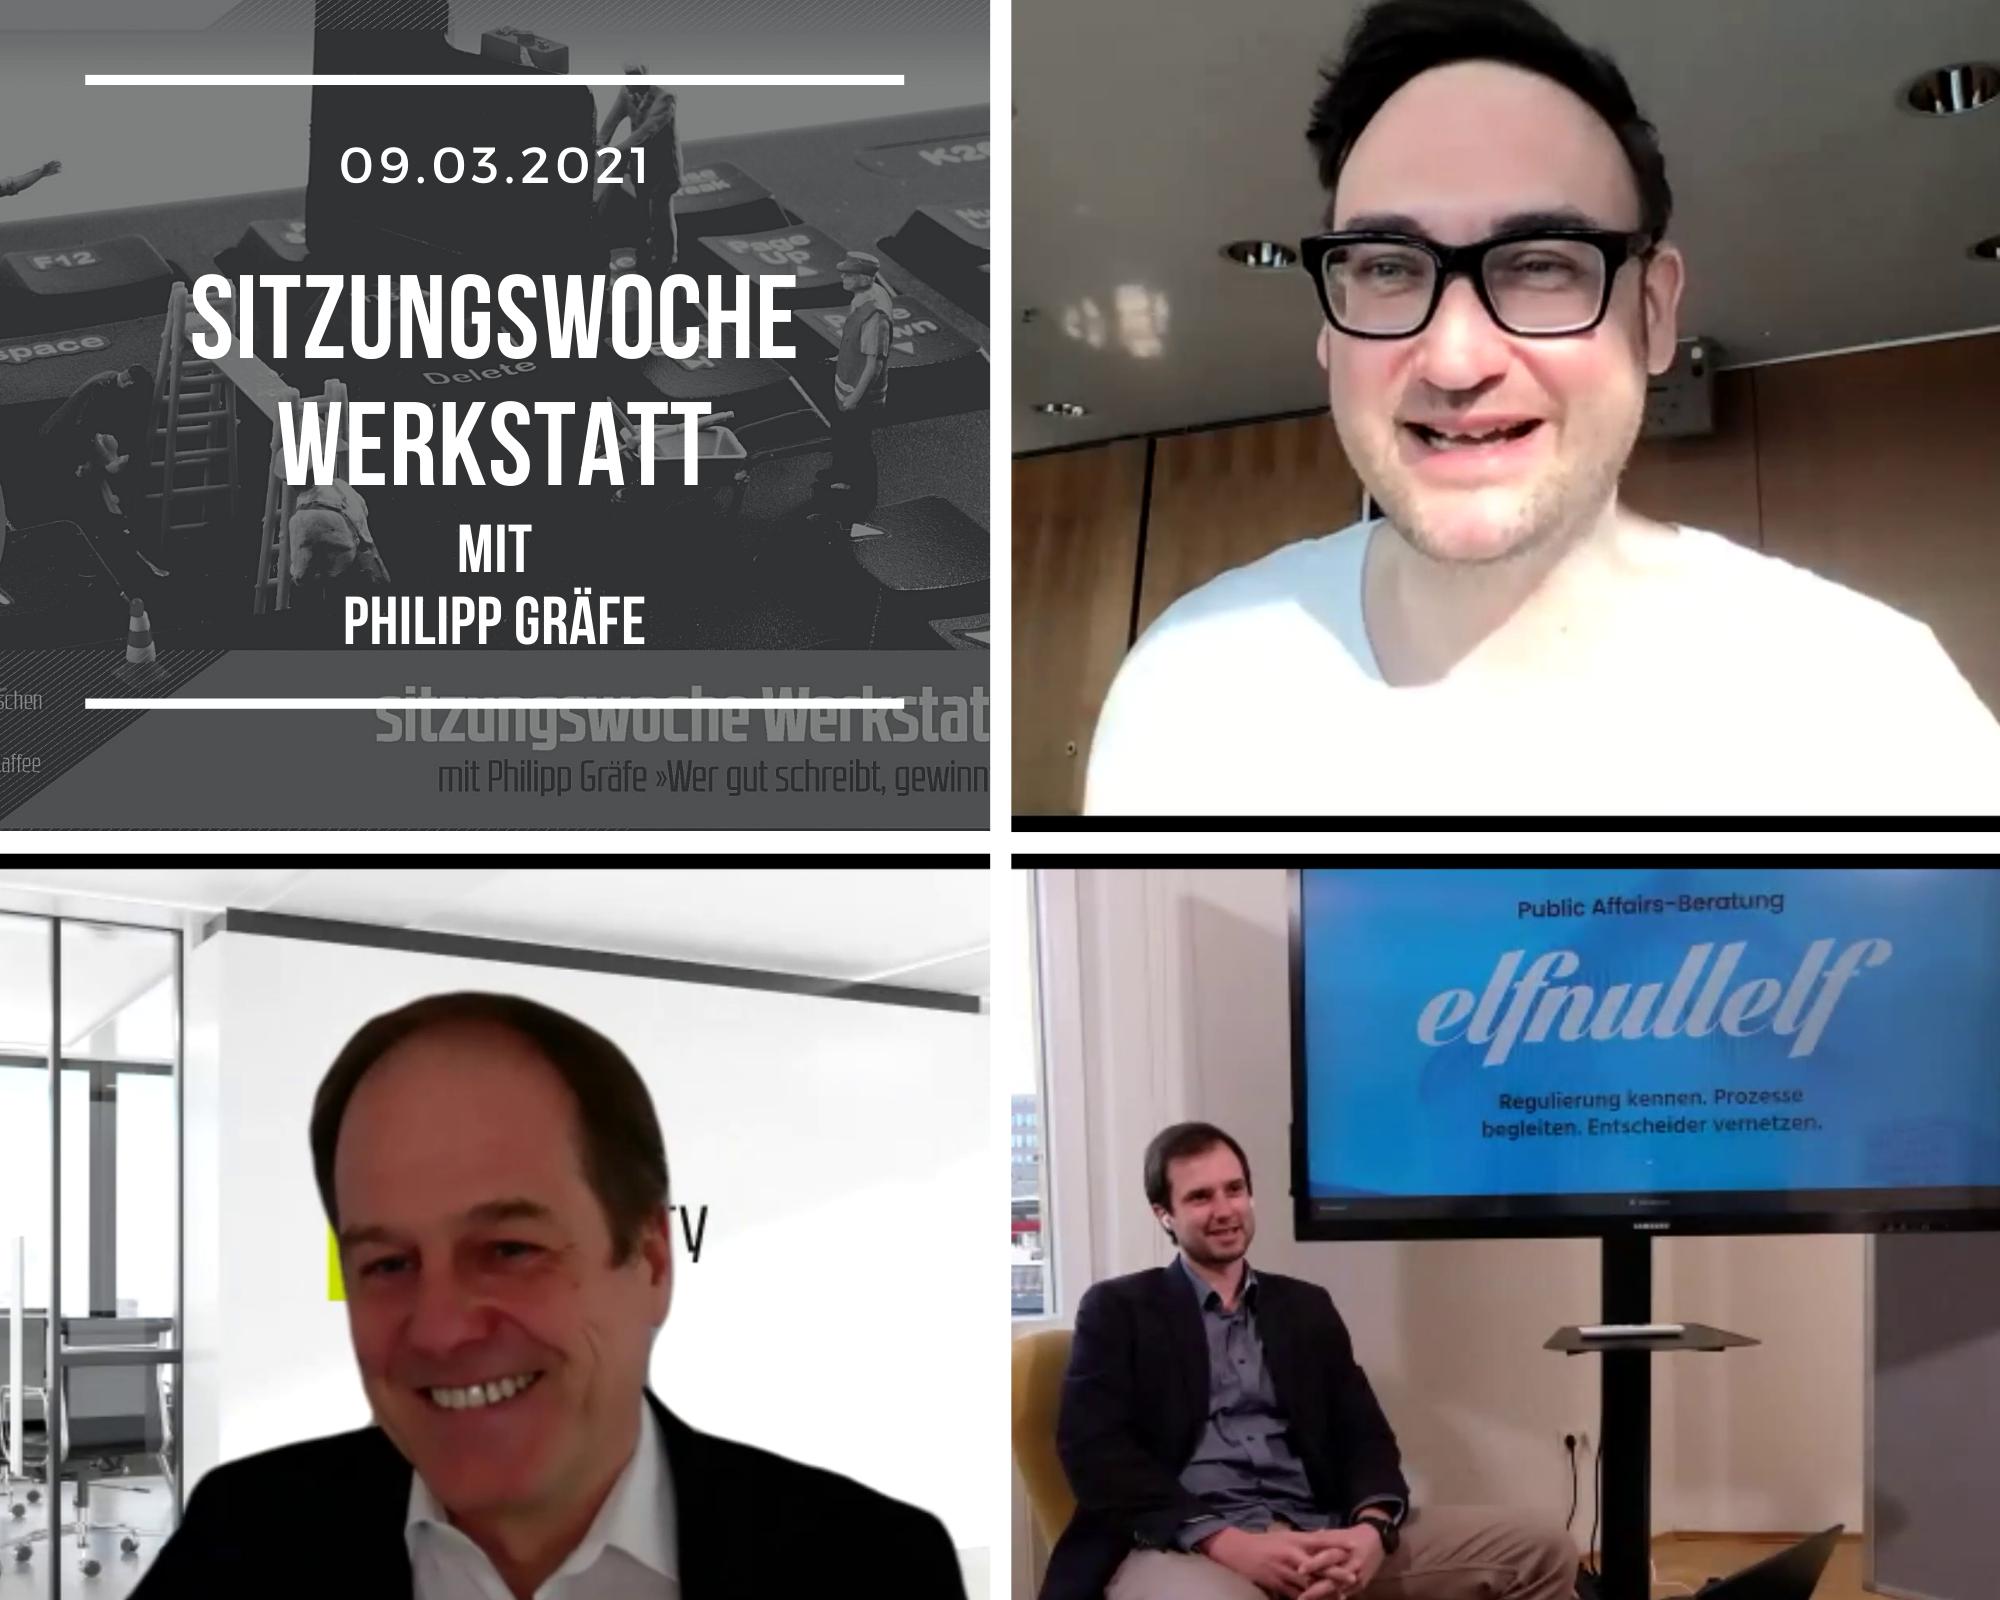 Sitzungswoche Werkstatt: Aufzeichnung 09.03.21 Digitale Politische Kommunikation Im MdB-Büro Mit Philipp Gräfe